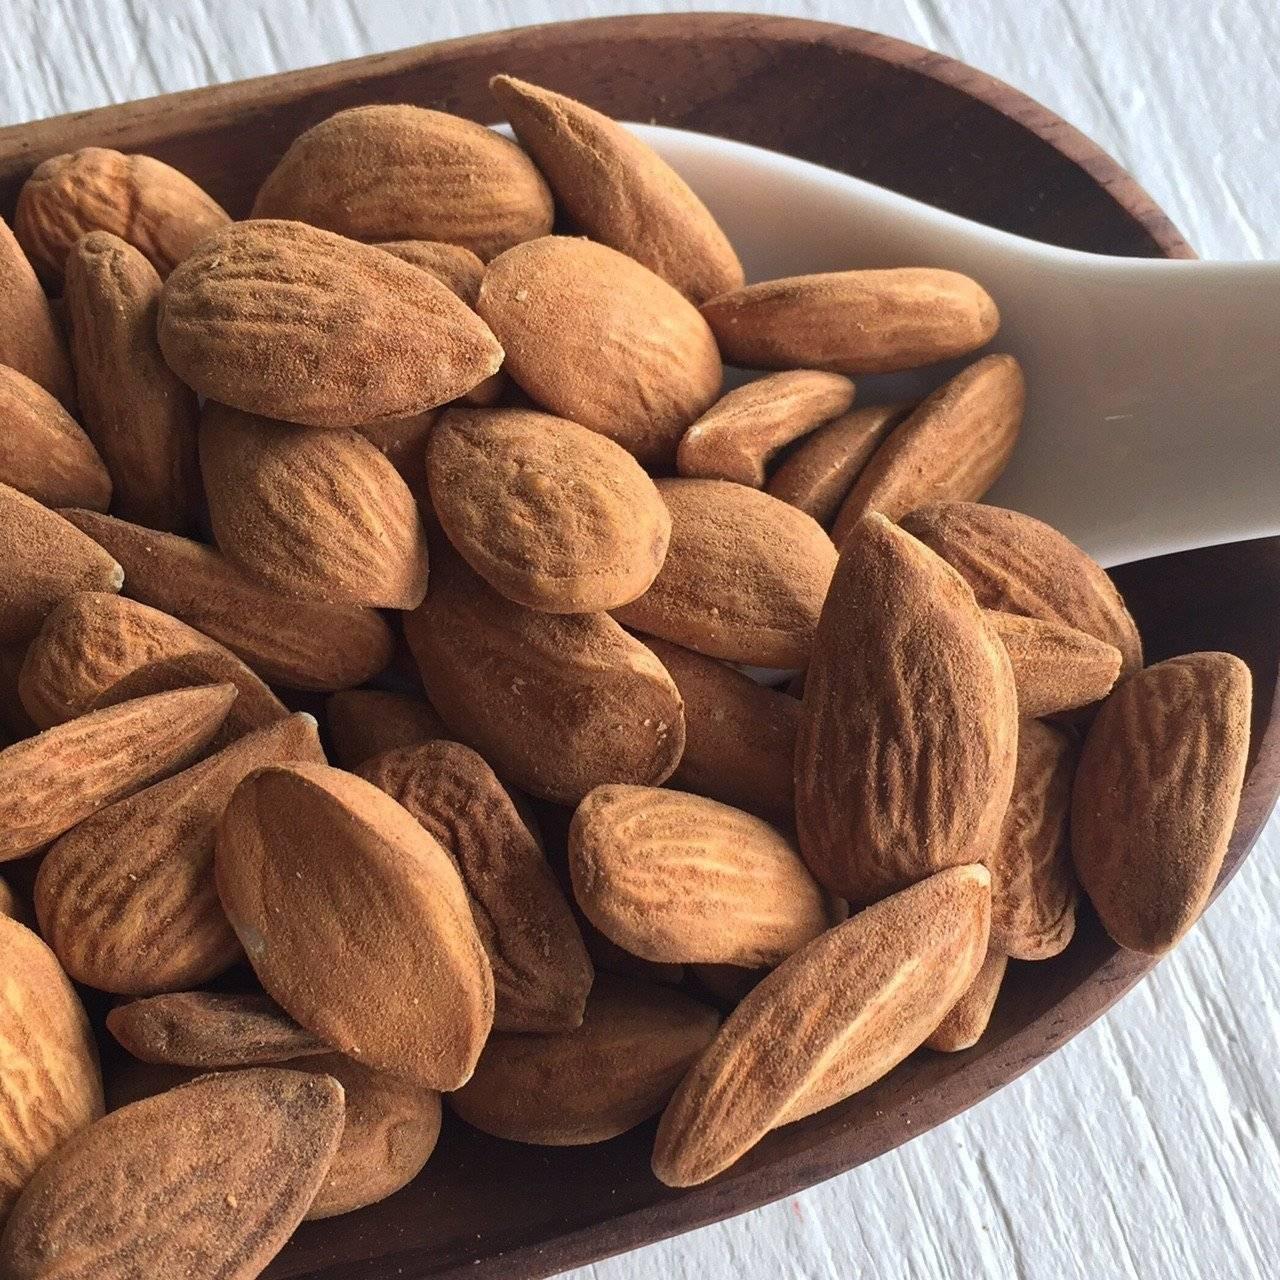 Миндаль: польза и вред, химический состав и калорийность миндаля, применение в медицине и кулинарии